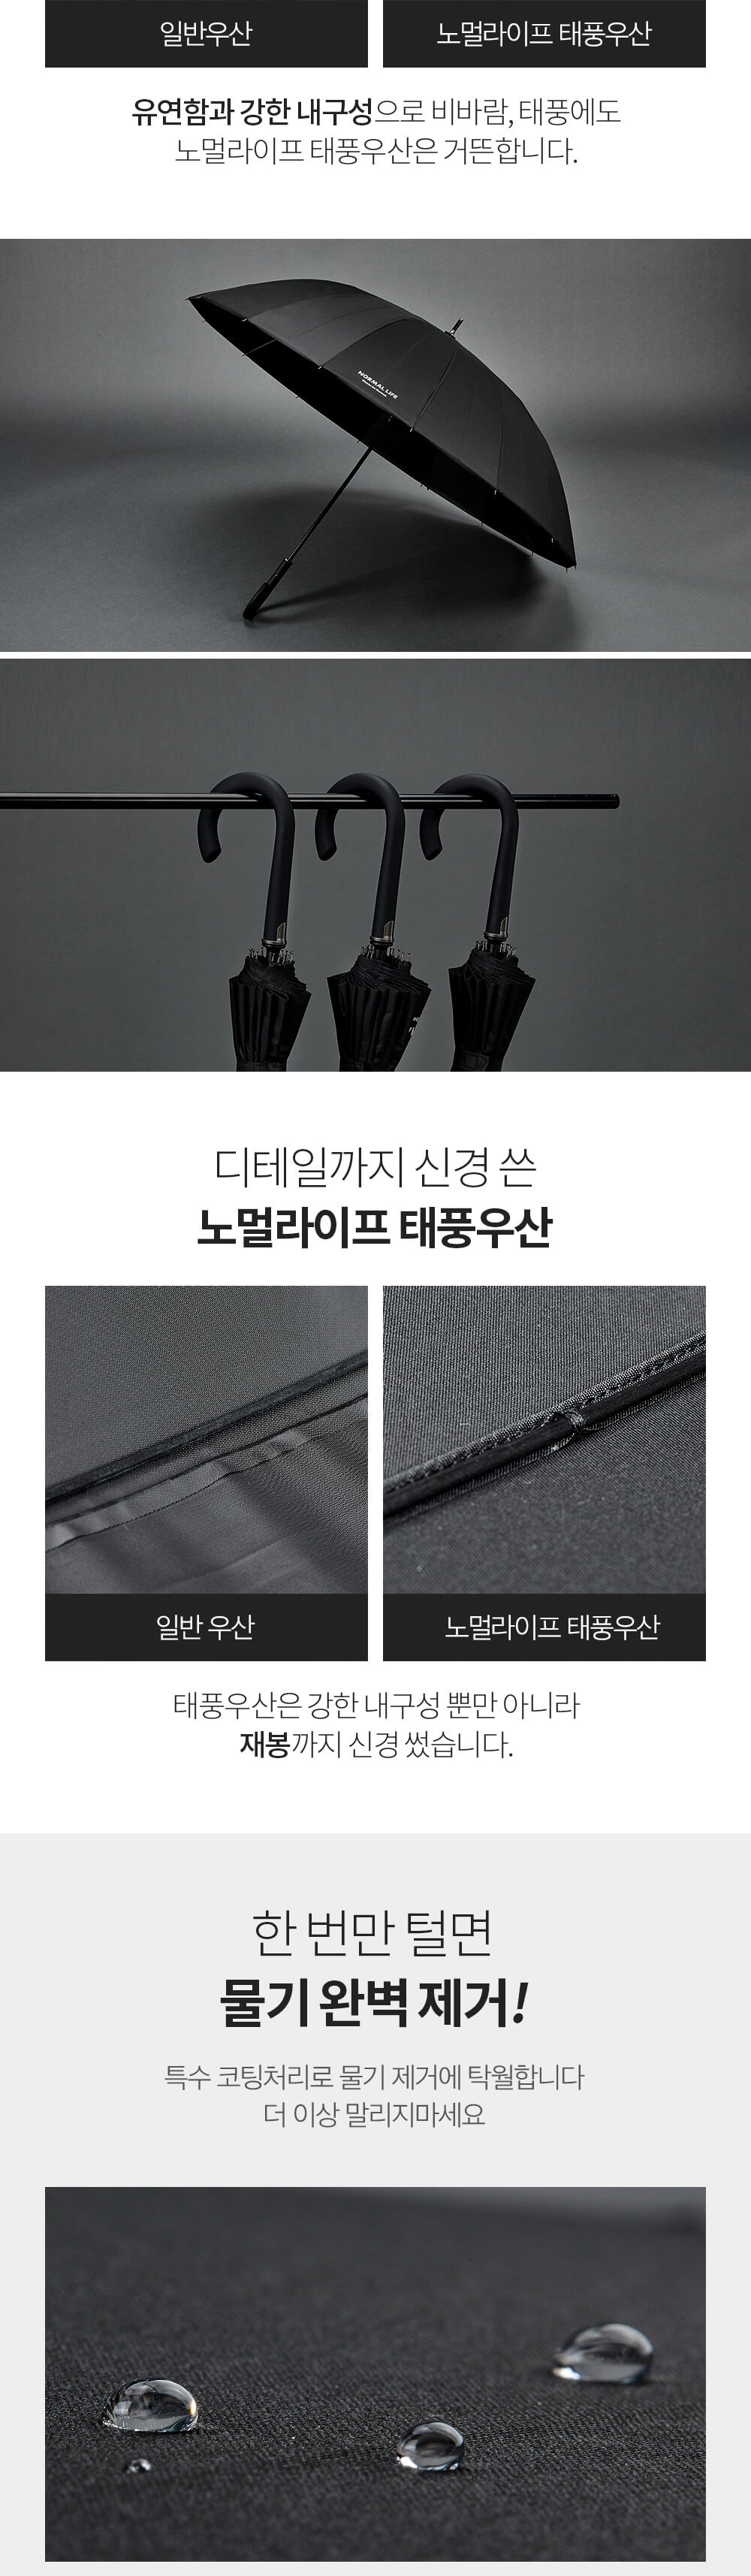 우산 상페08